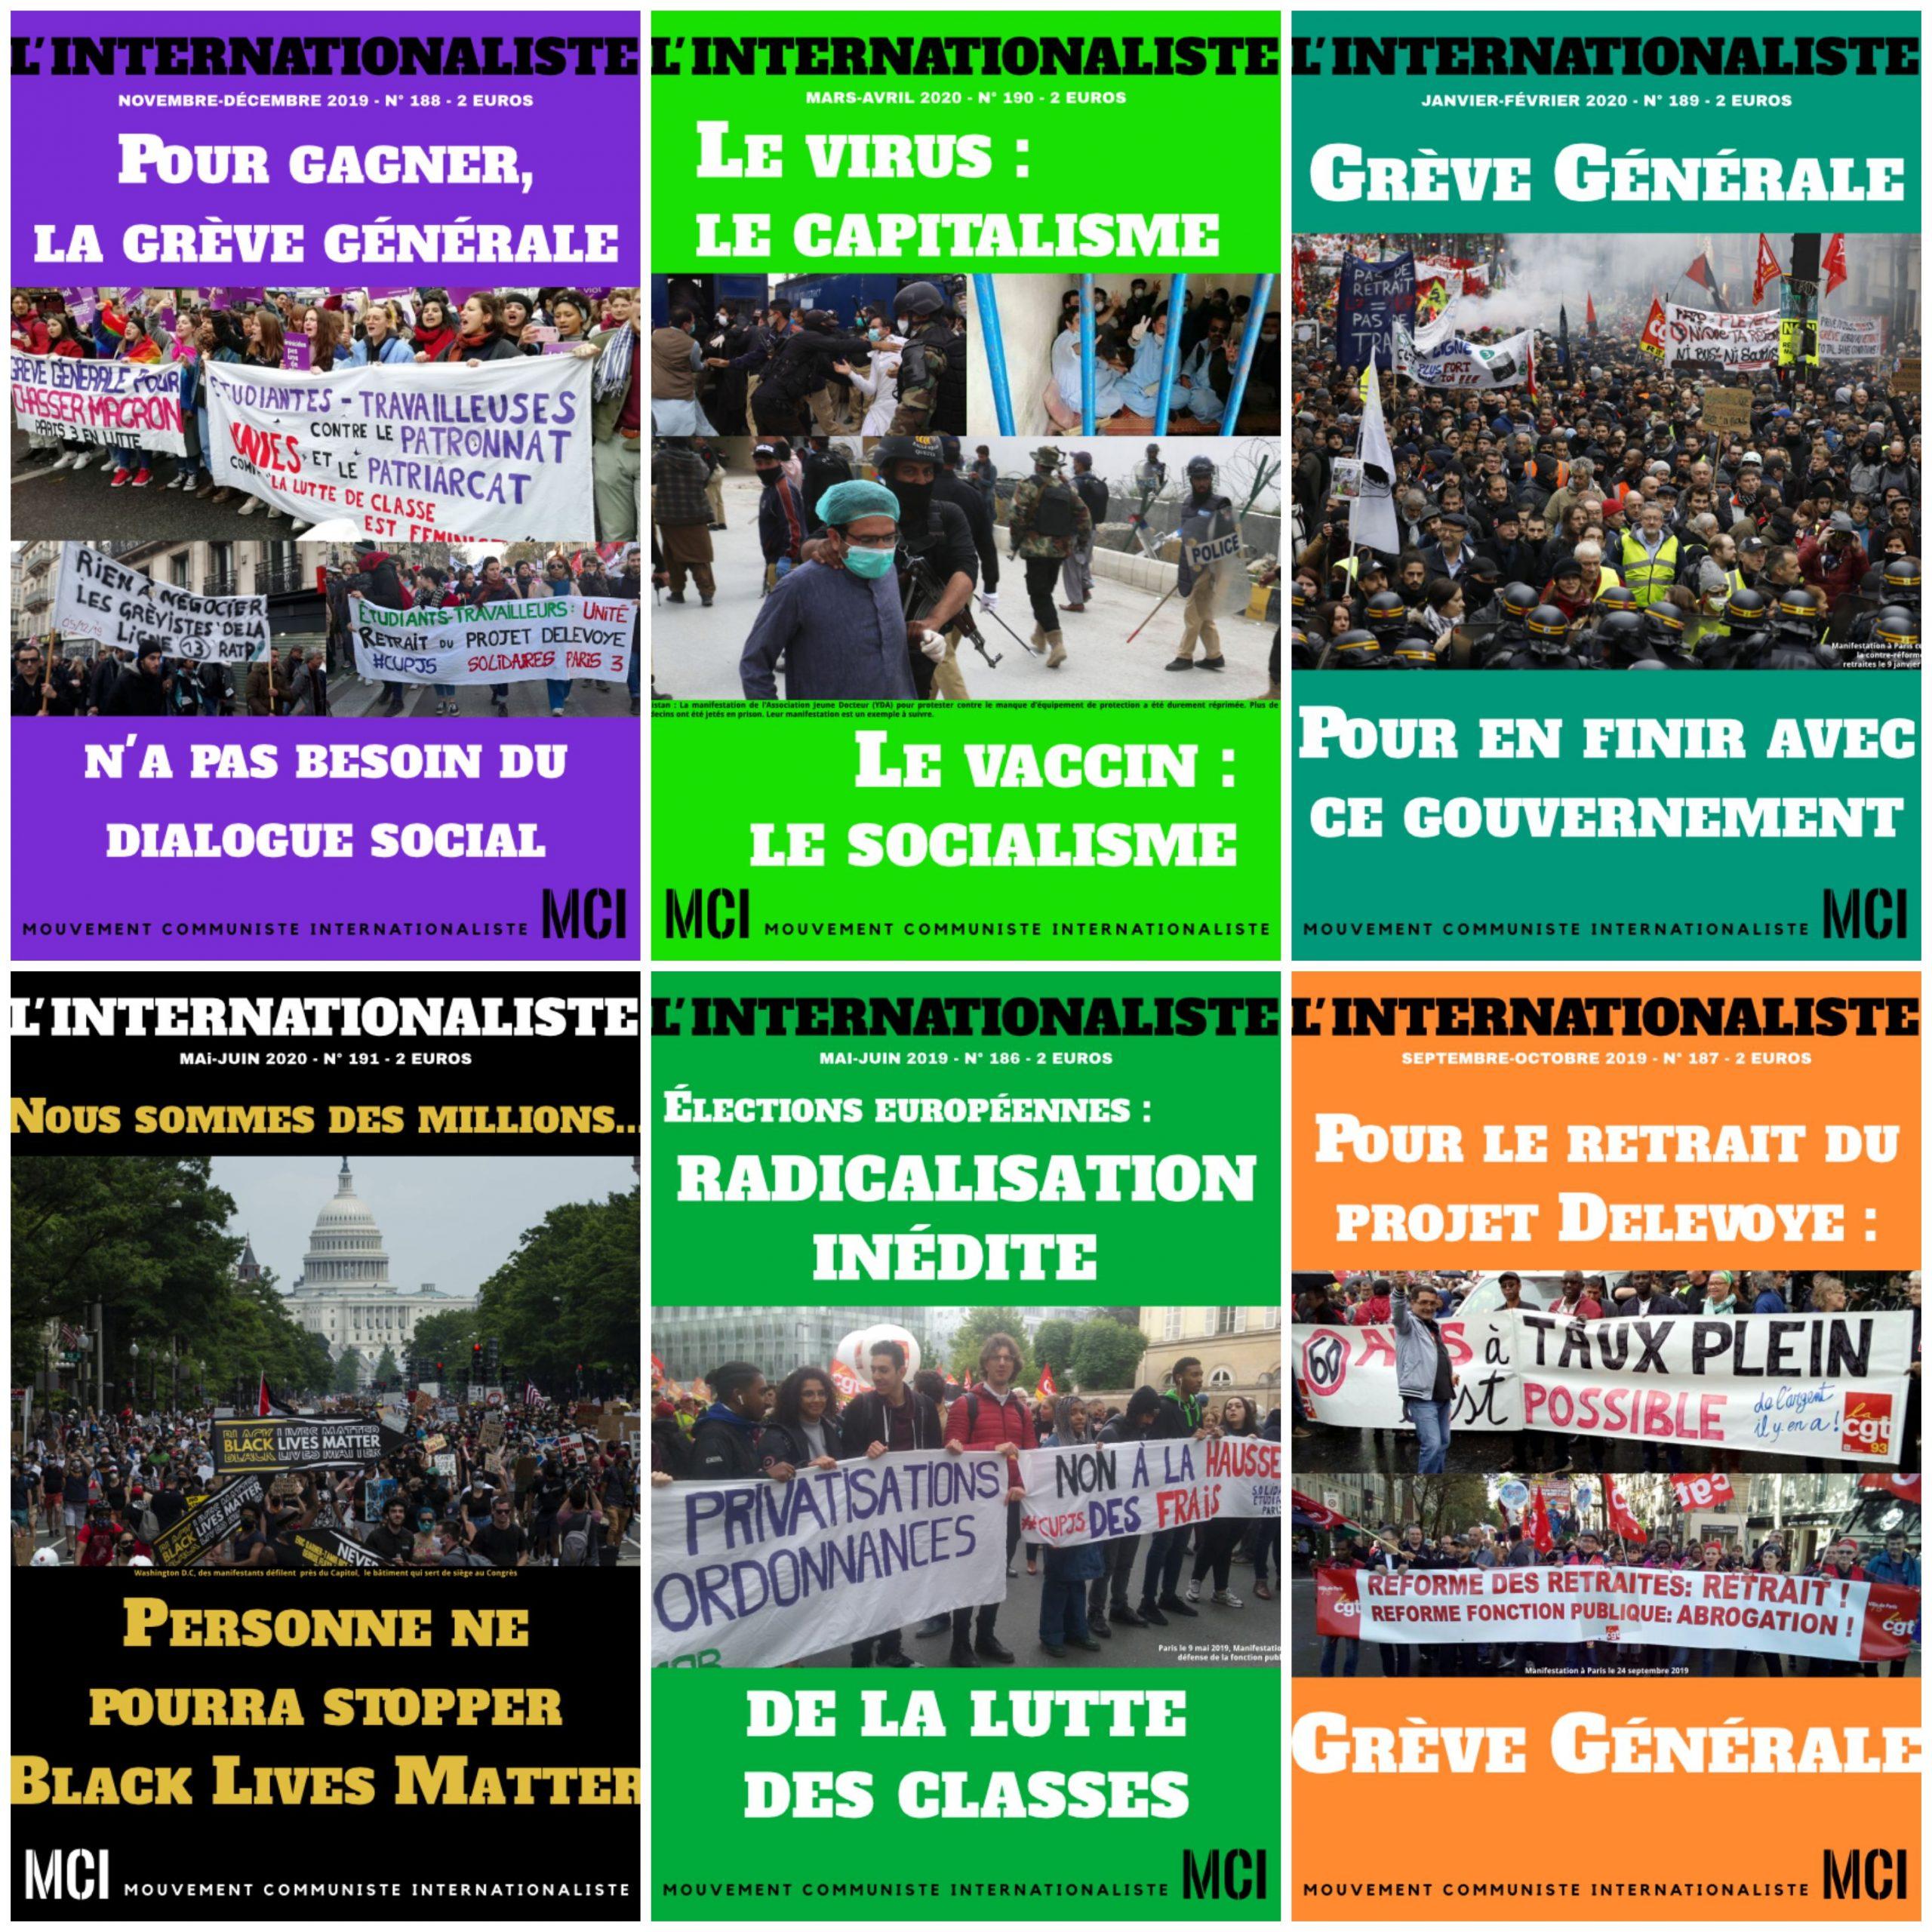 Soutenez le MCI, abonnez-vous à la formule papier de L'Internationaliste en nous écrivant